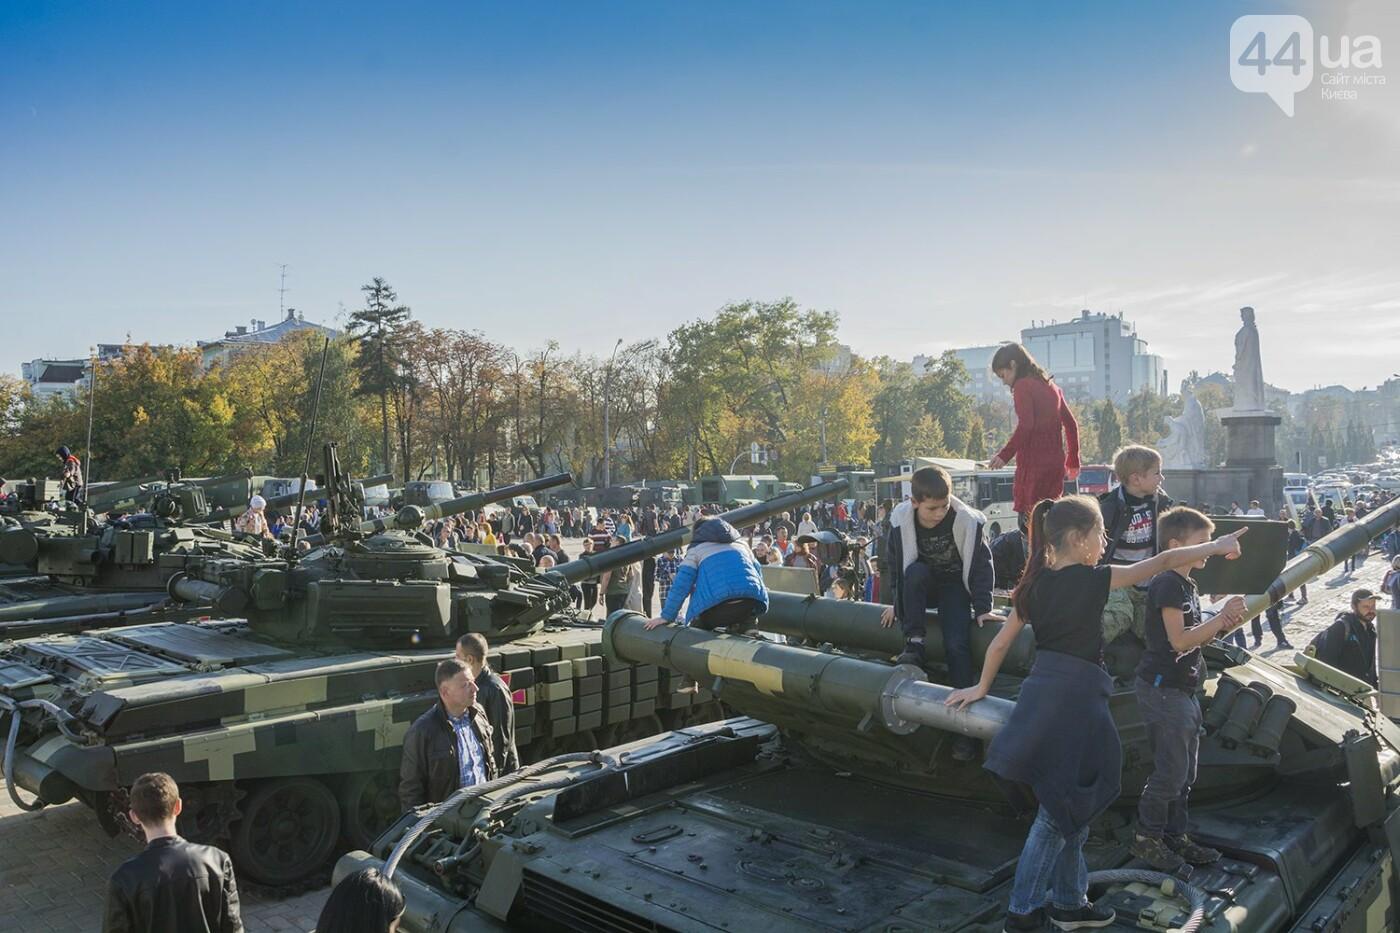 В Киеве открылась масштабная выставка военной техники – ФОТОРЕПОРТАЖ, фото-14